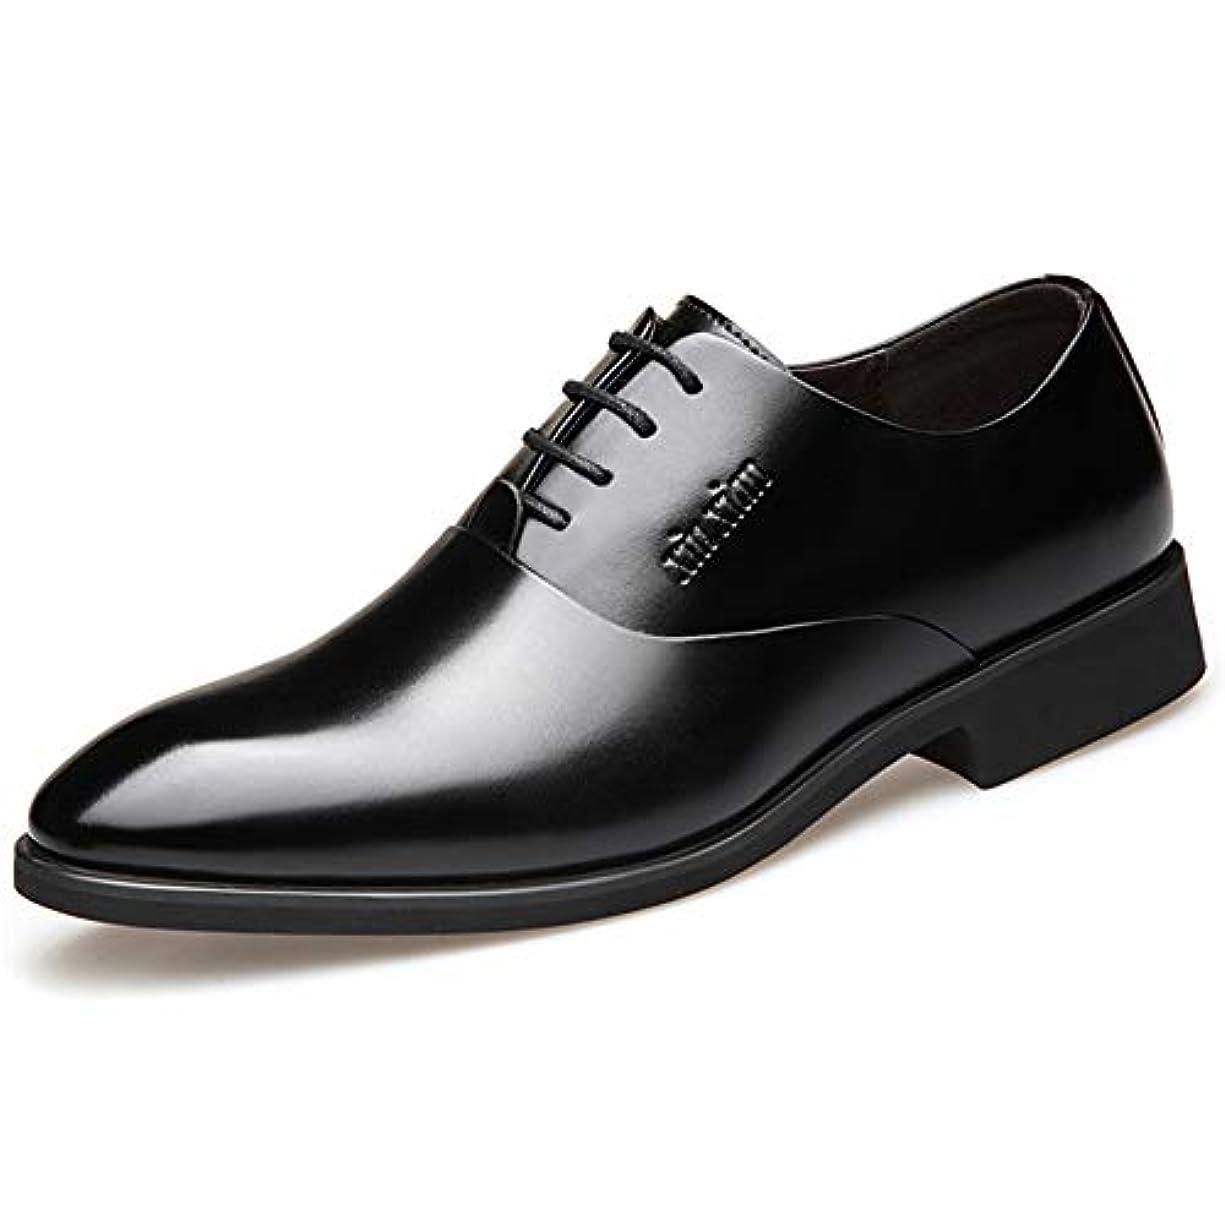 シャークペインティング虐待ONE MAX 革靴 ビジネスシューズ メンズ 本革 カジュアルシューズ レースアップ 内羽根 フォーマル 通気 防滑 クッション性